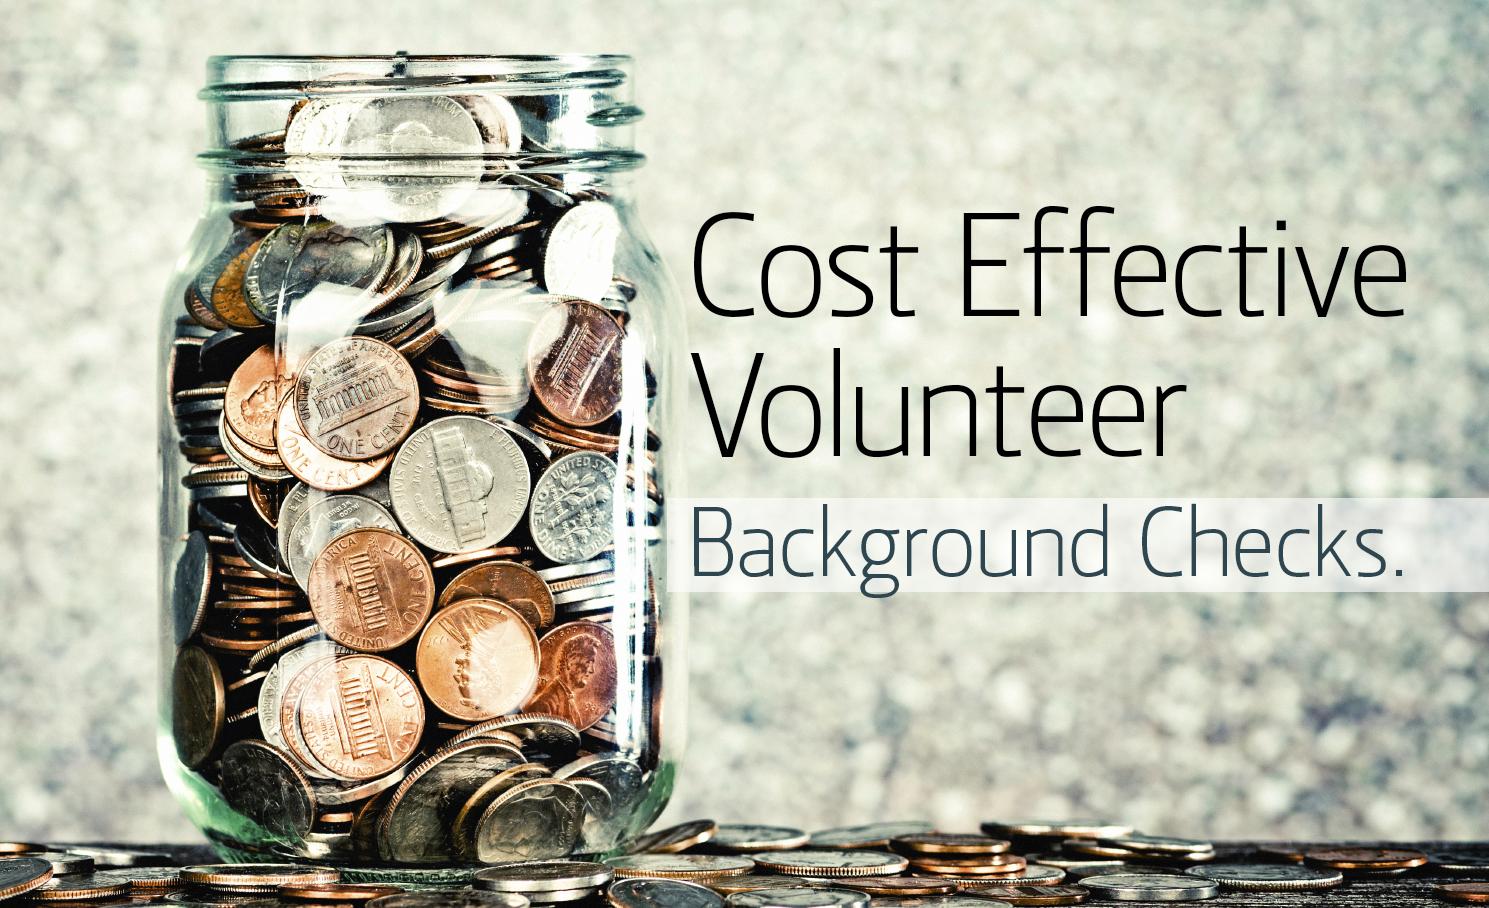 Cost_Effective_Volunteer_Background_Checks